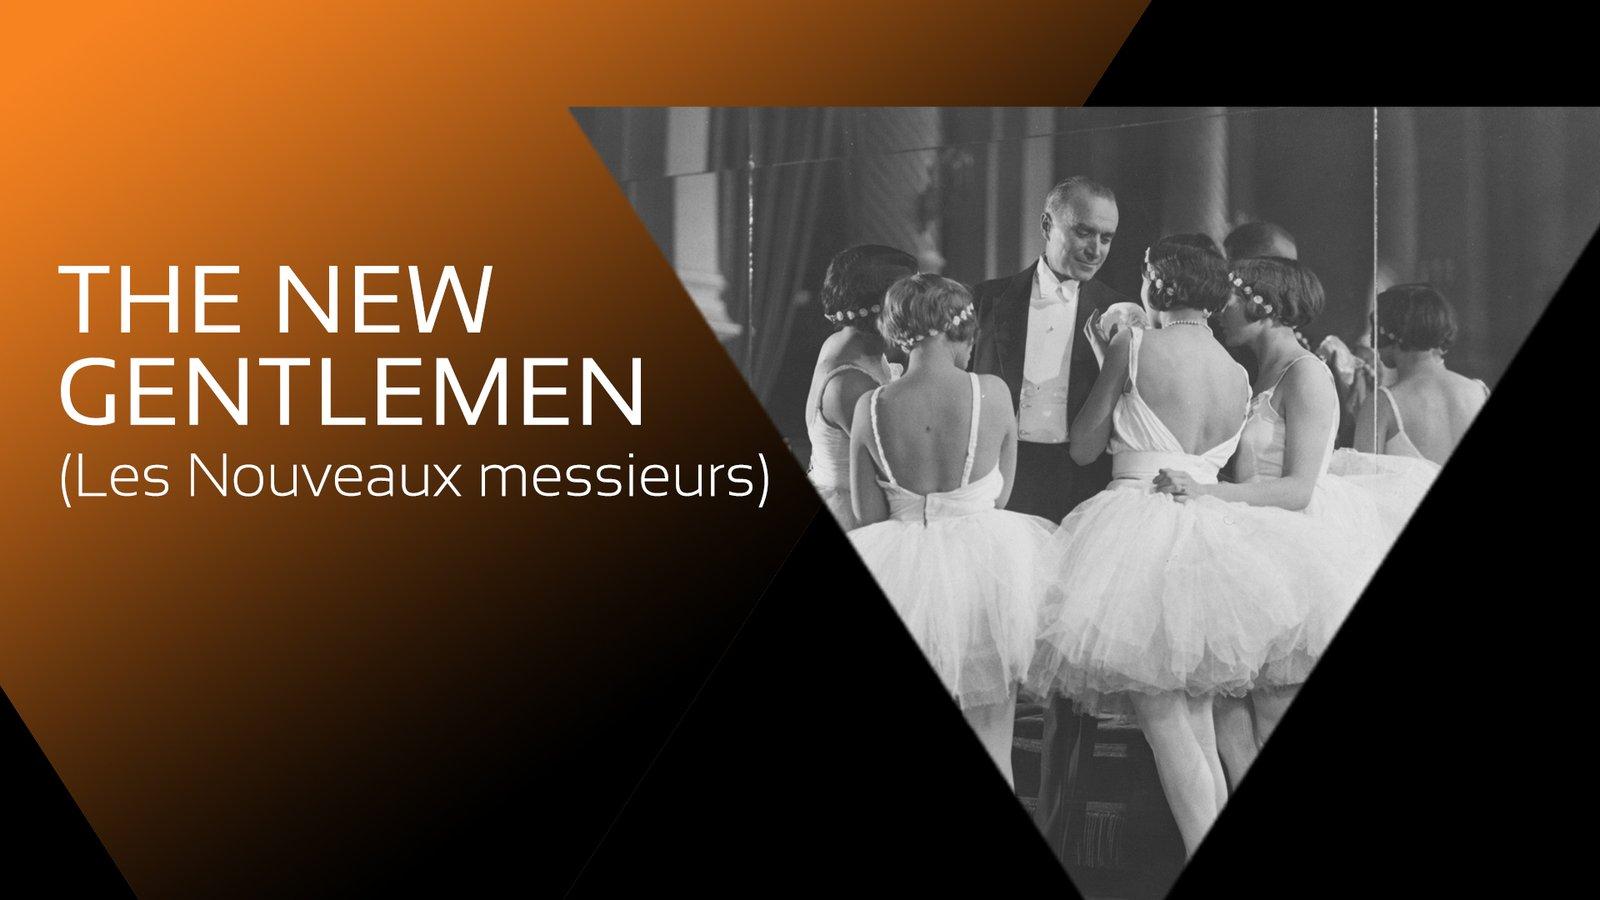 The New Gentlemen (Les Nouveaux Messieurs)